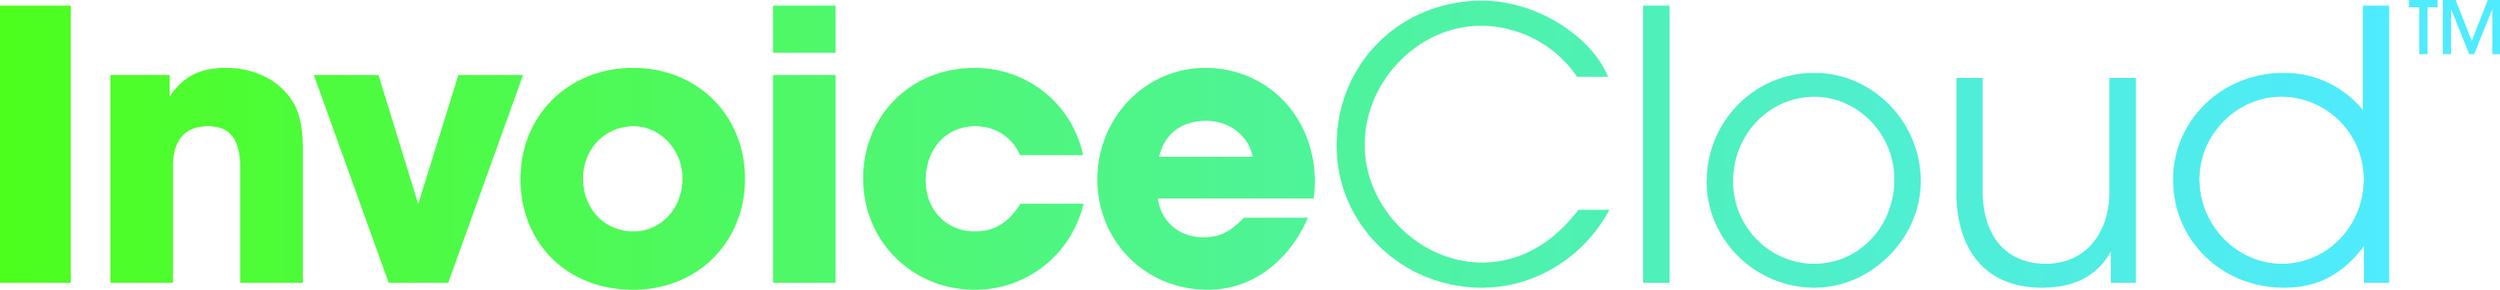 InvoiceCloud-logo-color-v2.0-cymk.jpg